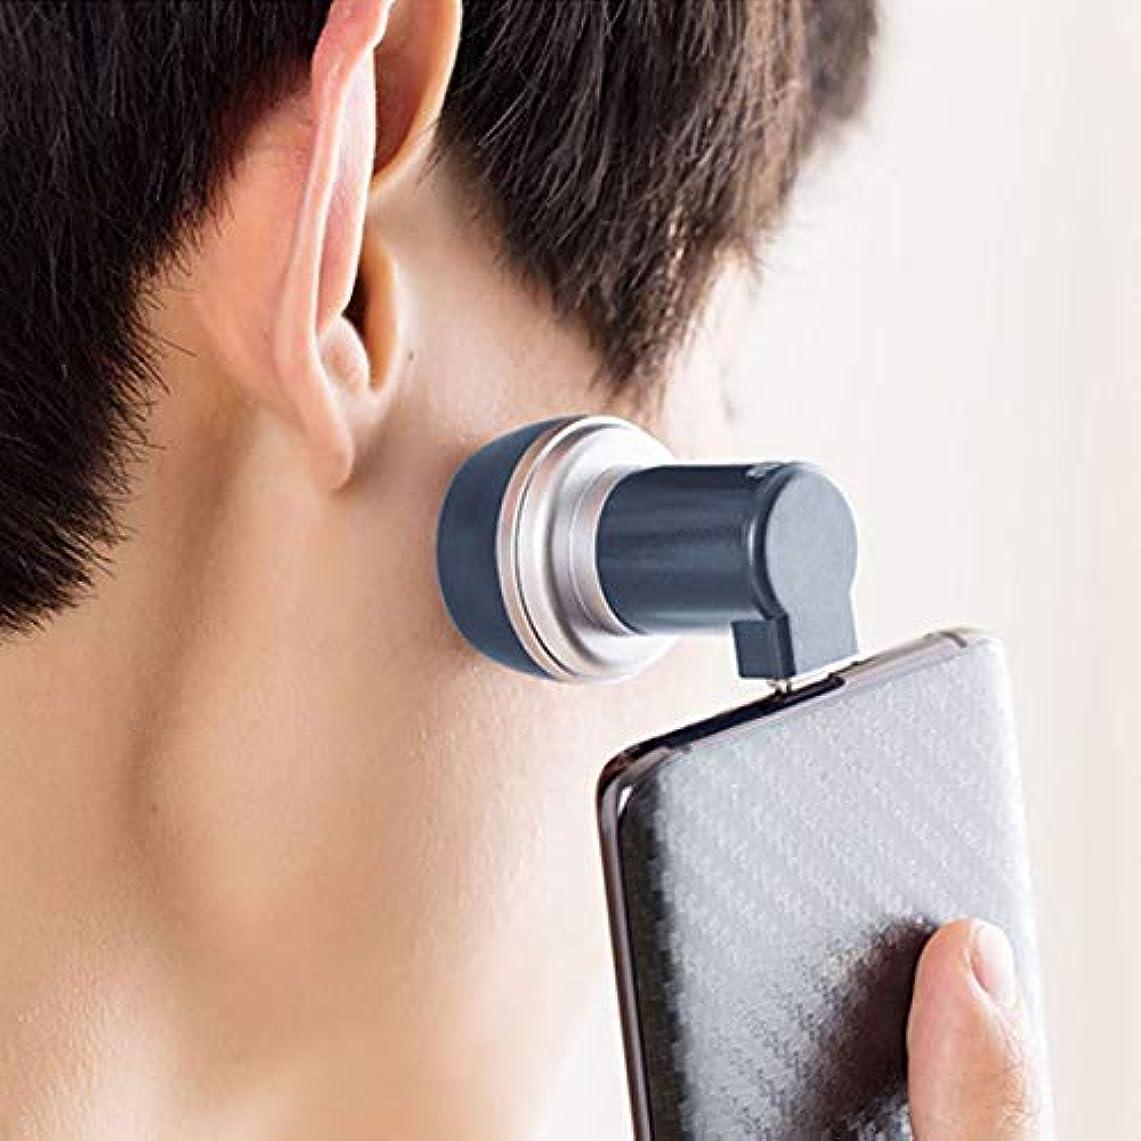 する必要があるあさり値するメンズ 電気 シェーバー 髭剃り 回転式 ミニ 電動ひげそり 携帯電話/USB充電式 持ち運び便利 ビジネス 海外対応 type-c/USB/lightningポート (鉱石ブルー, Type-C)